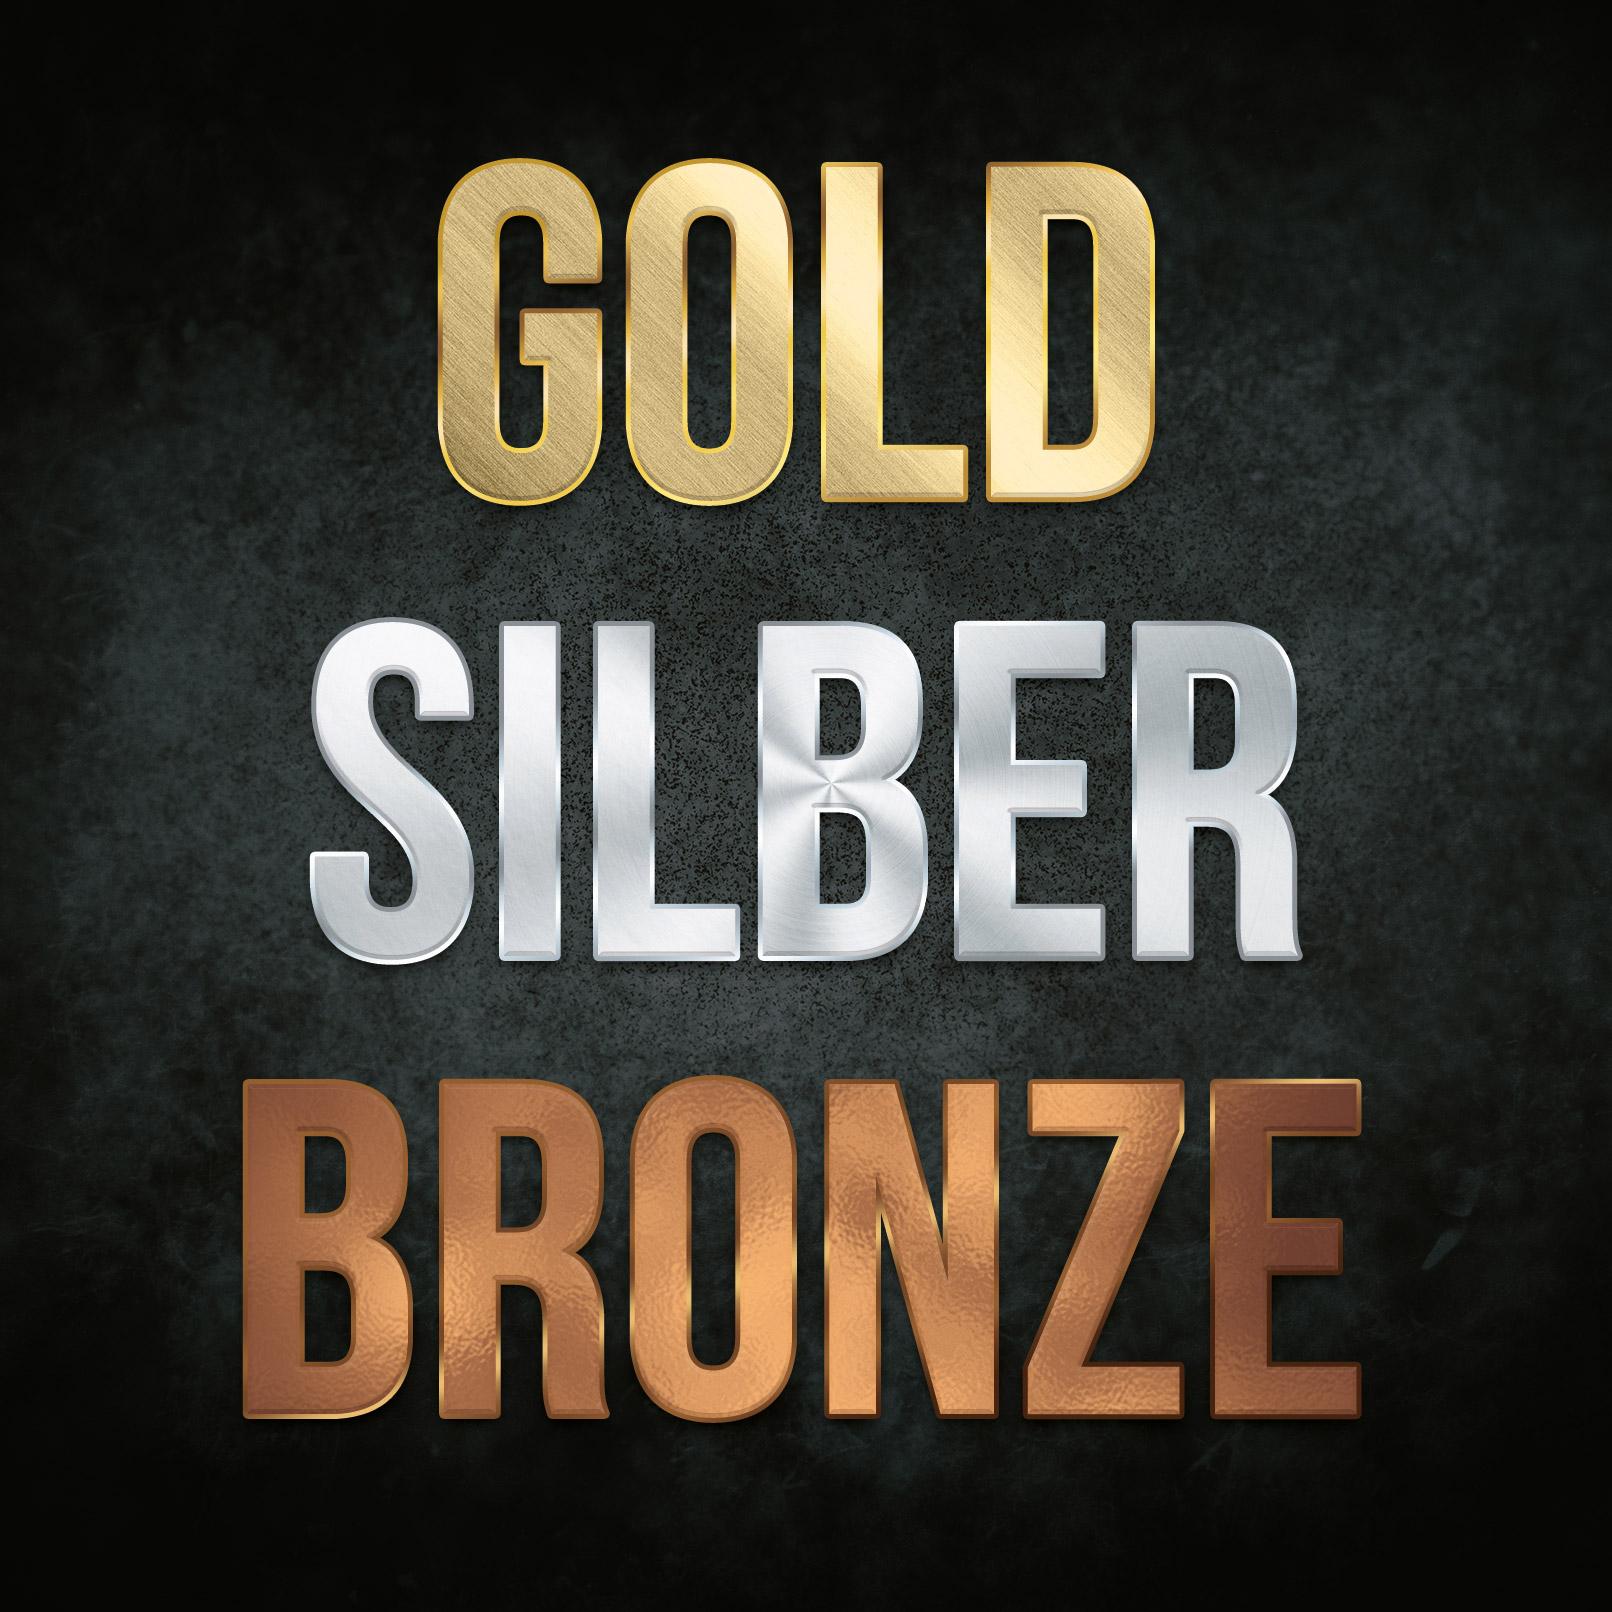 Metall-Texturen in Gold, Silber und Bronze, angewandt für Texteffekte